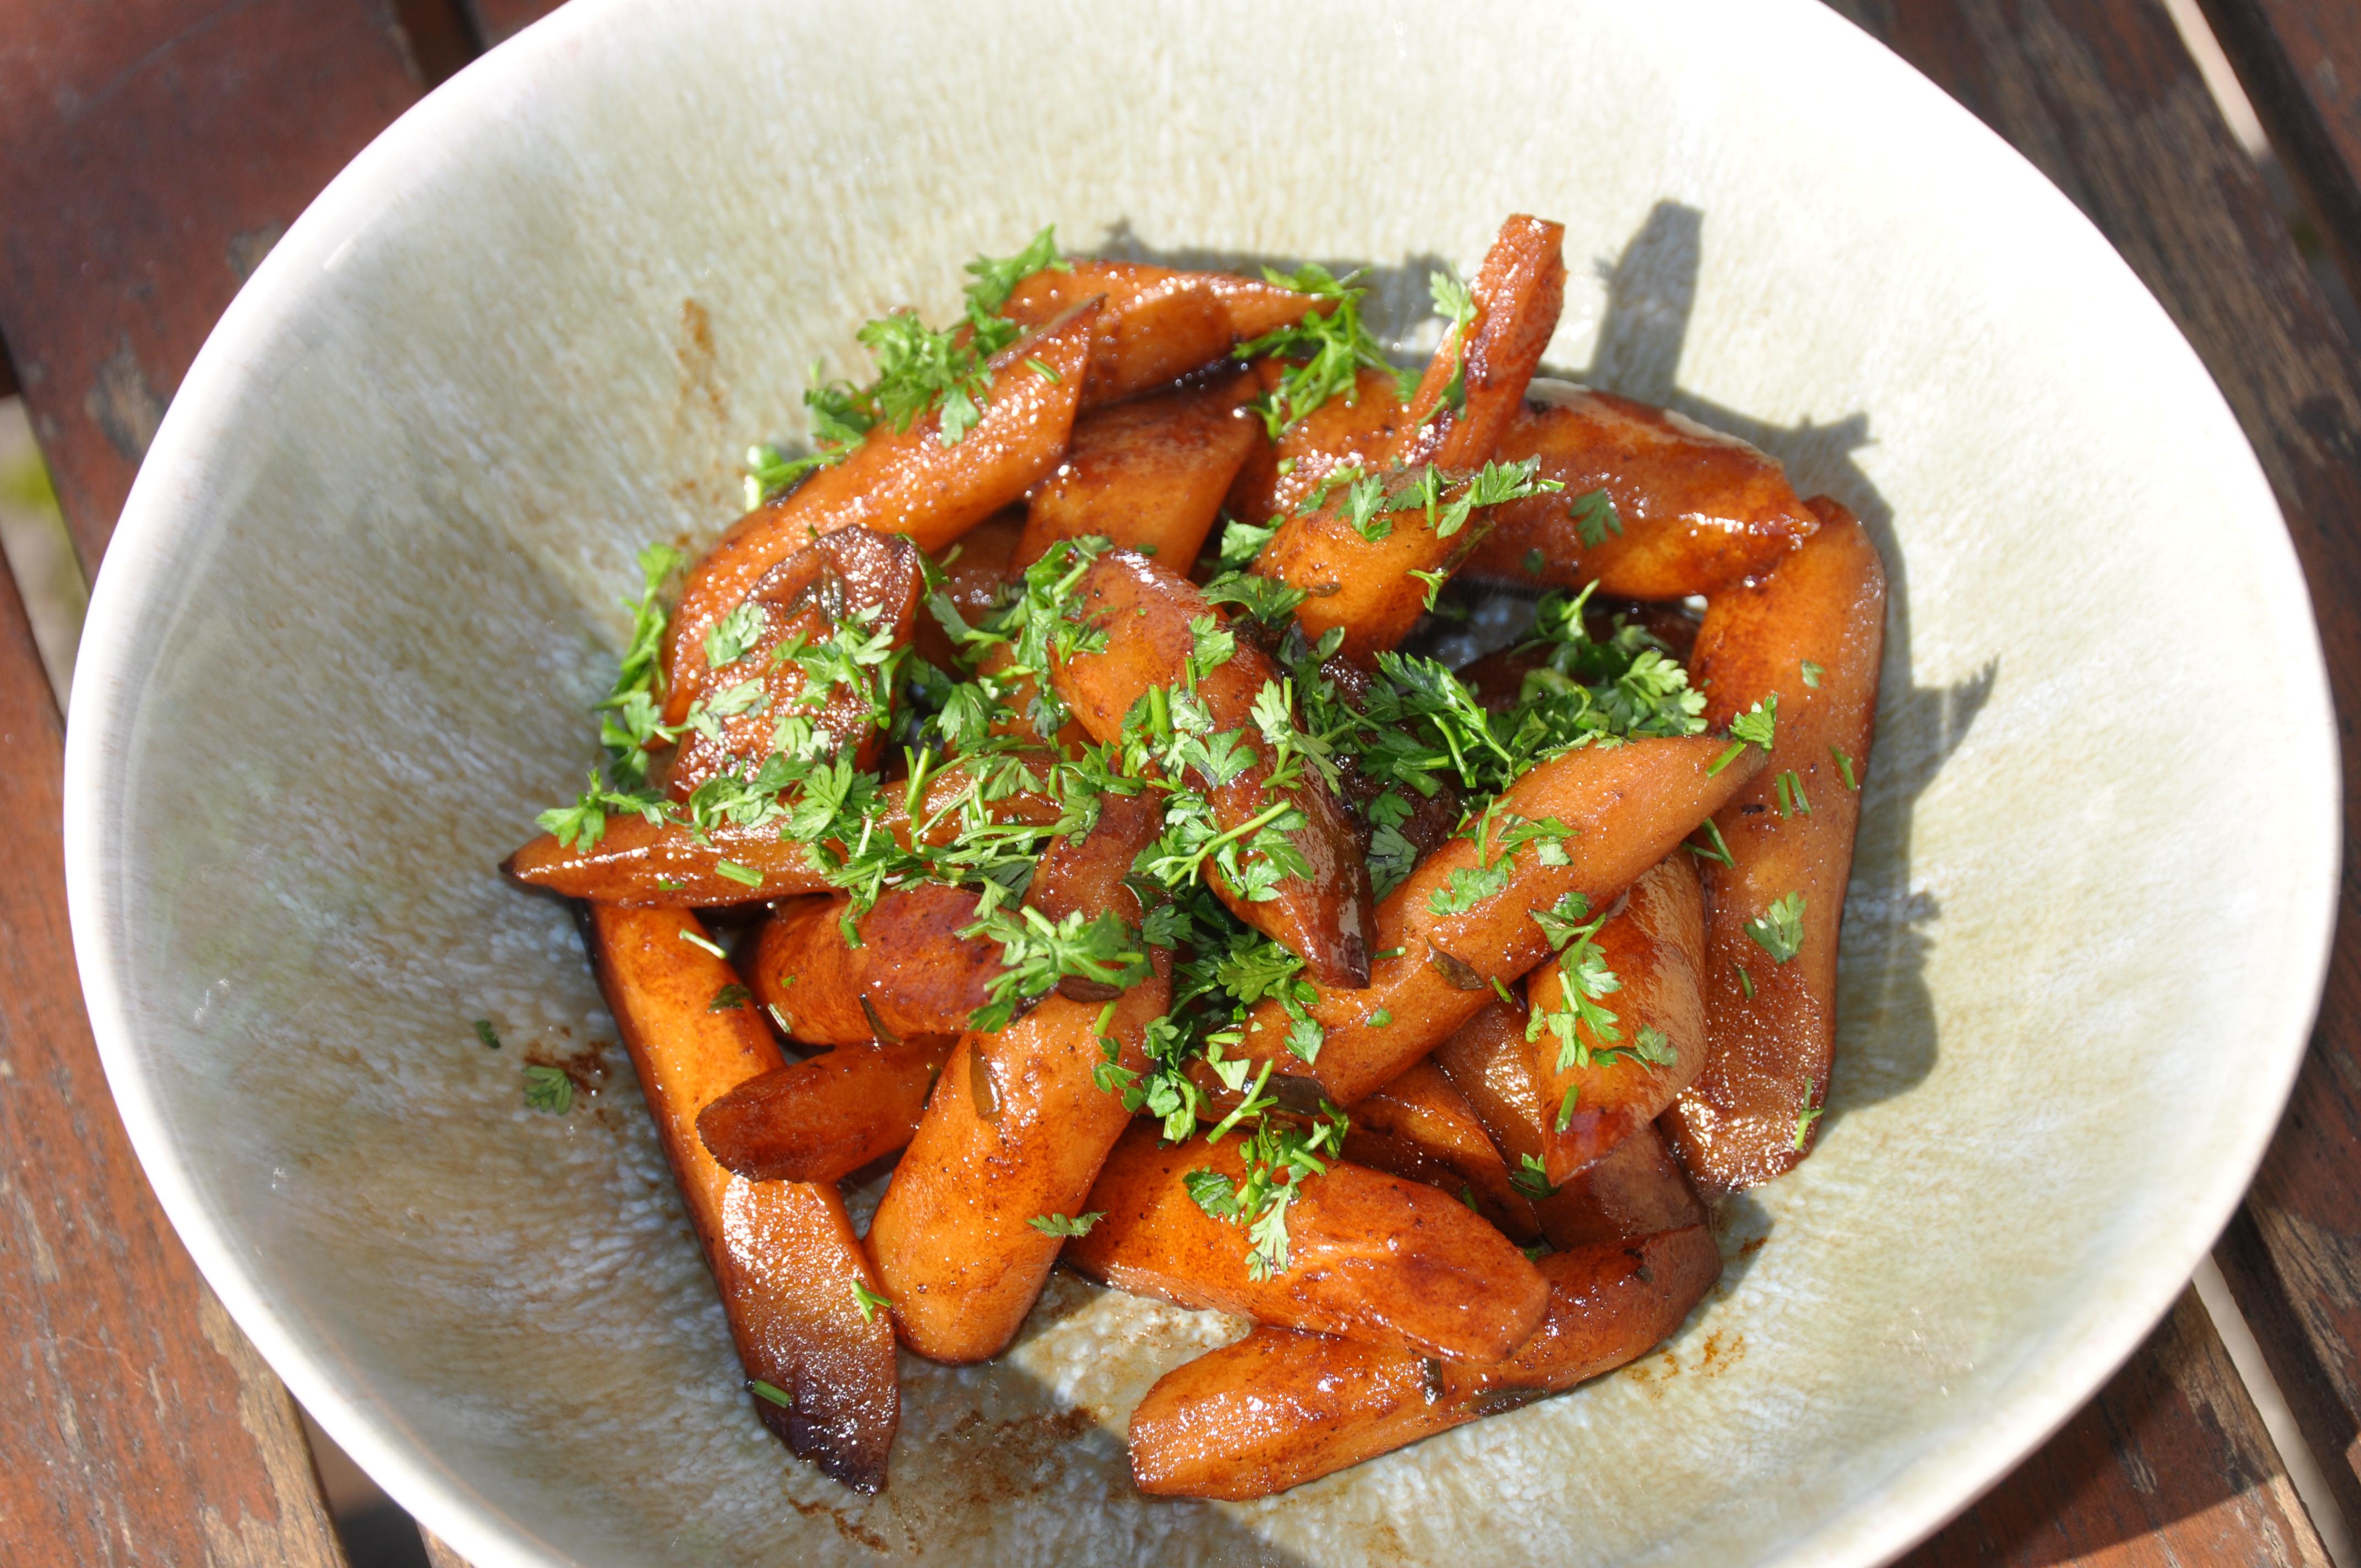 En attendant les asperges comment cuisiner les salsifis - Comment cuisiner les gnocchi ...